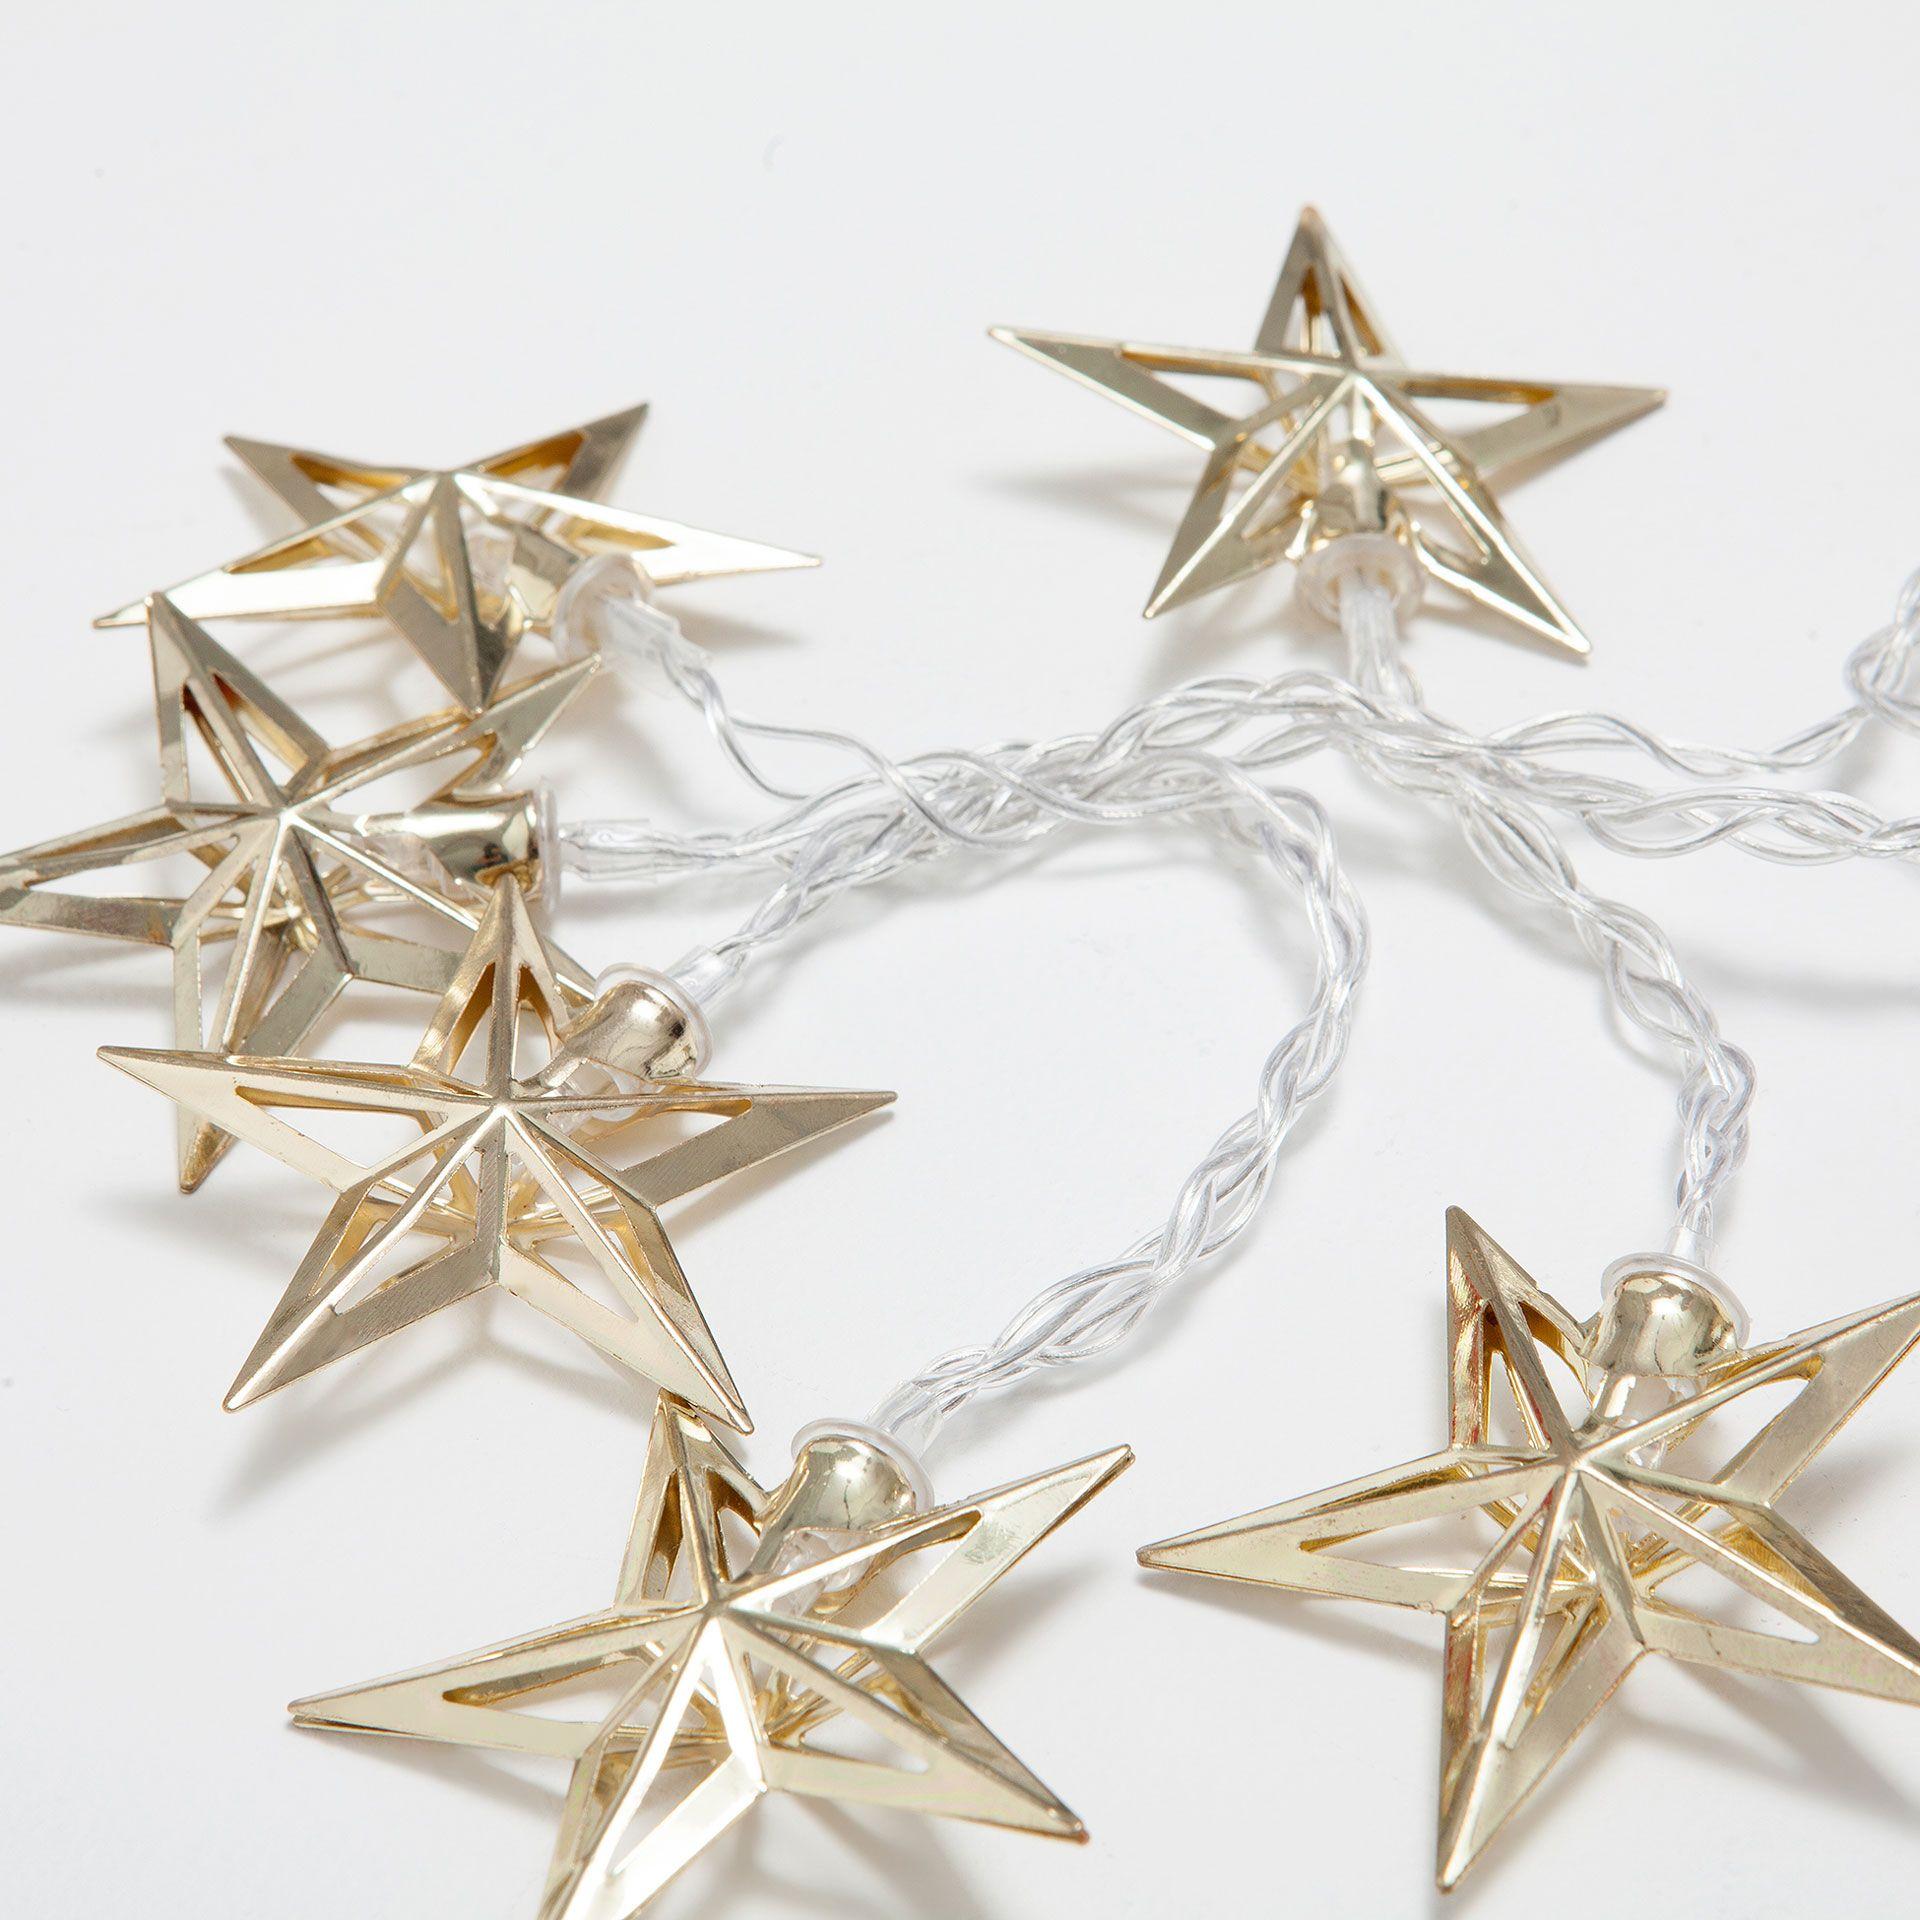 Guirnalda luces estrellas doradas - Guirnaldas - Para el árbol - Navidad | Zara Home España